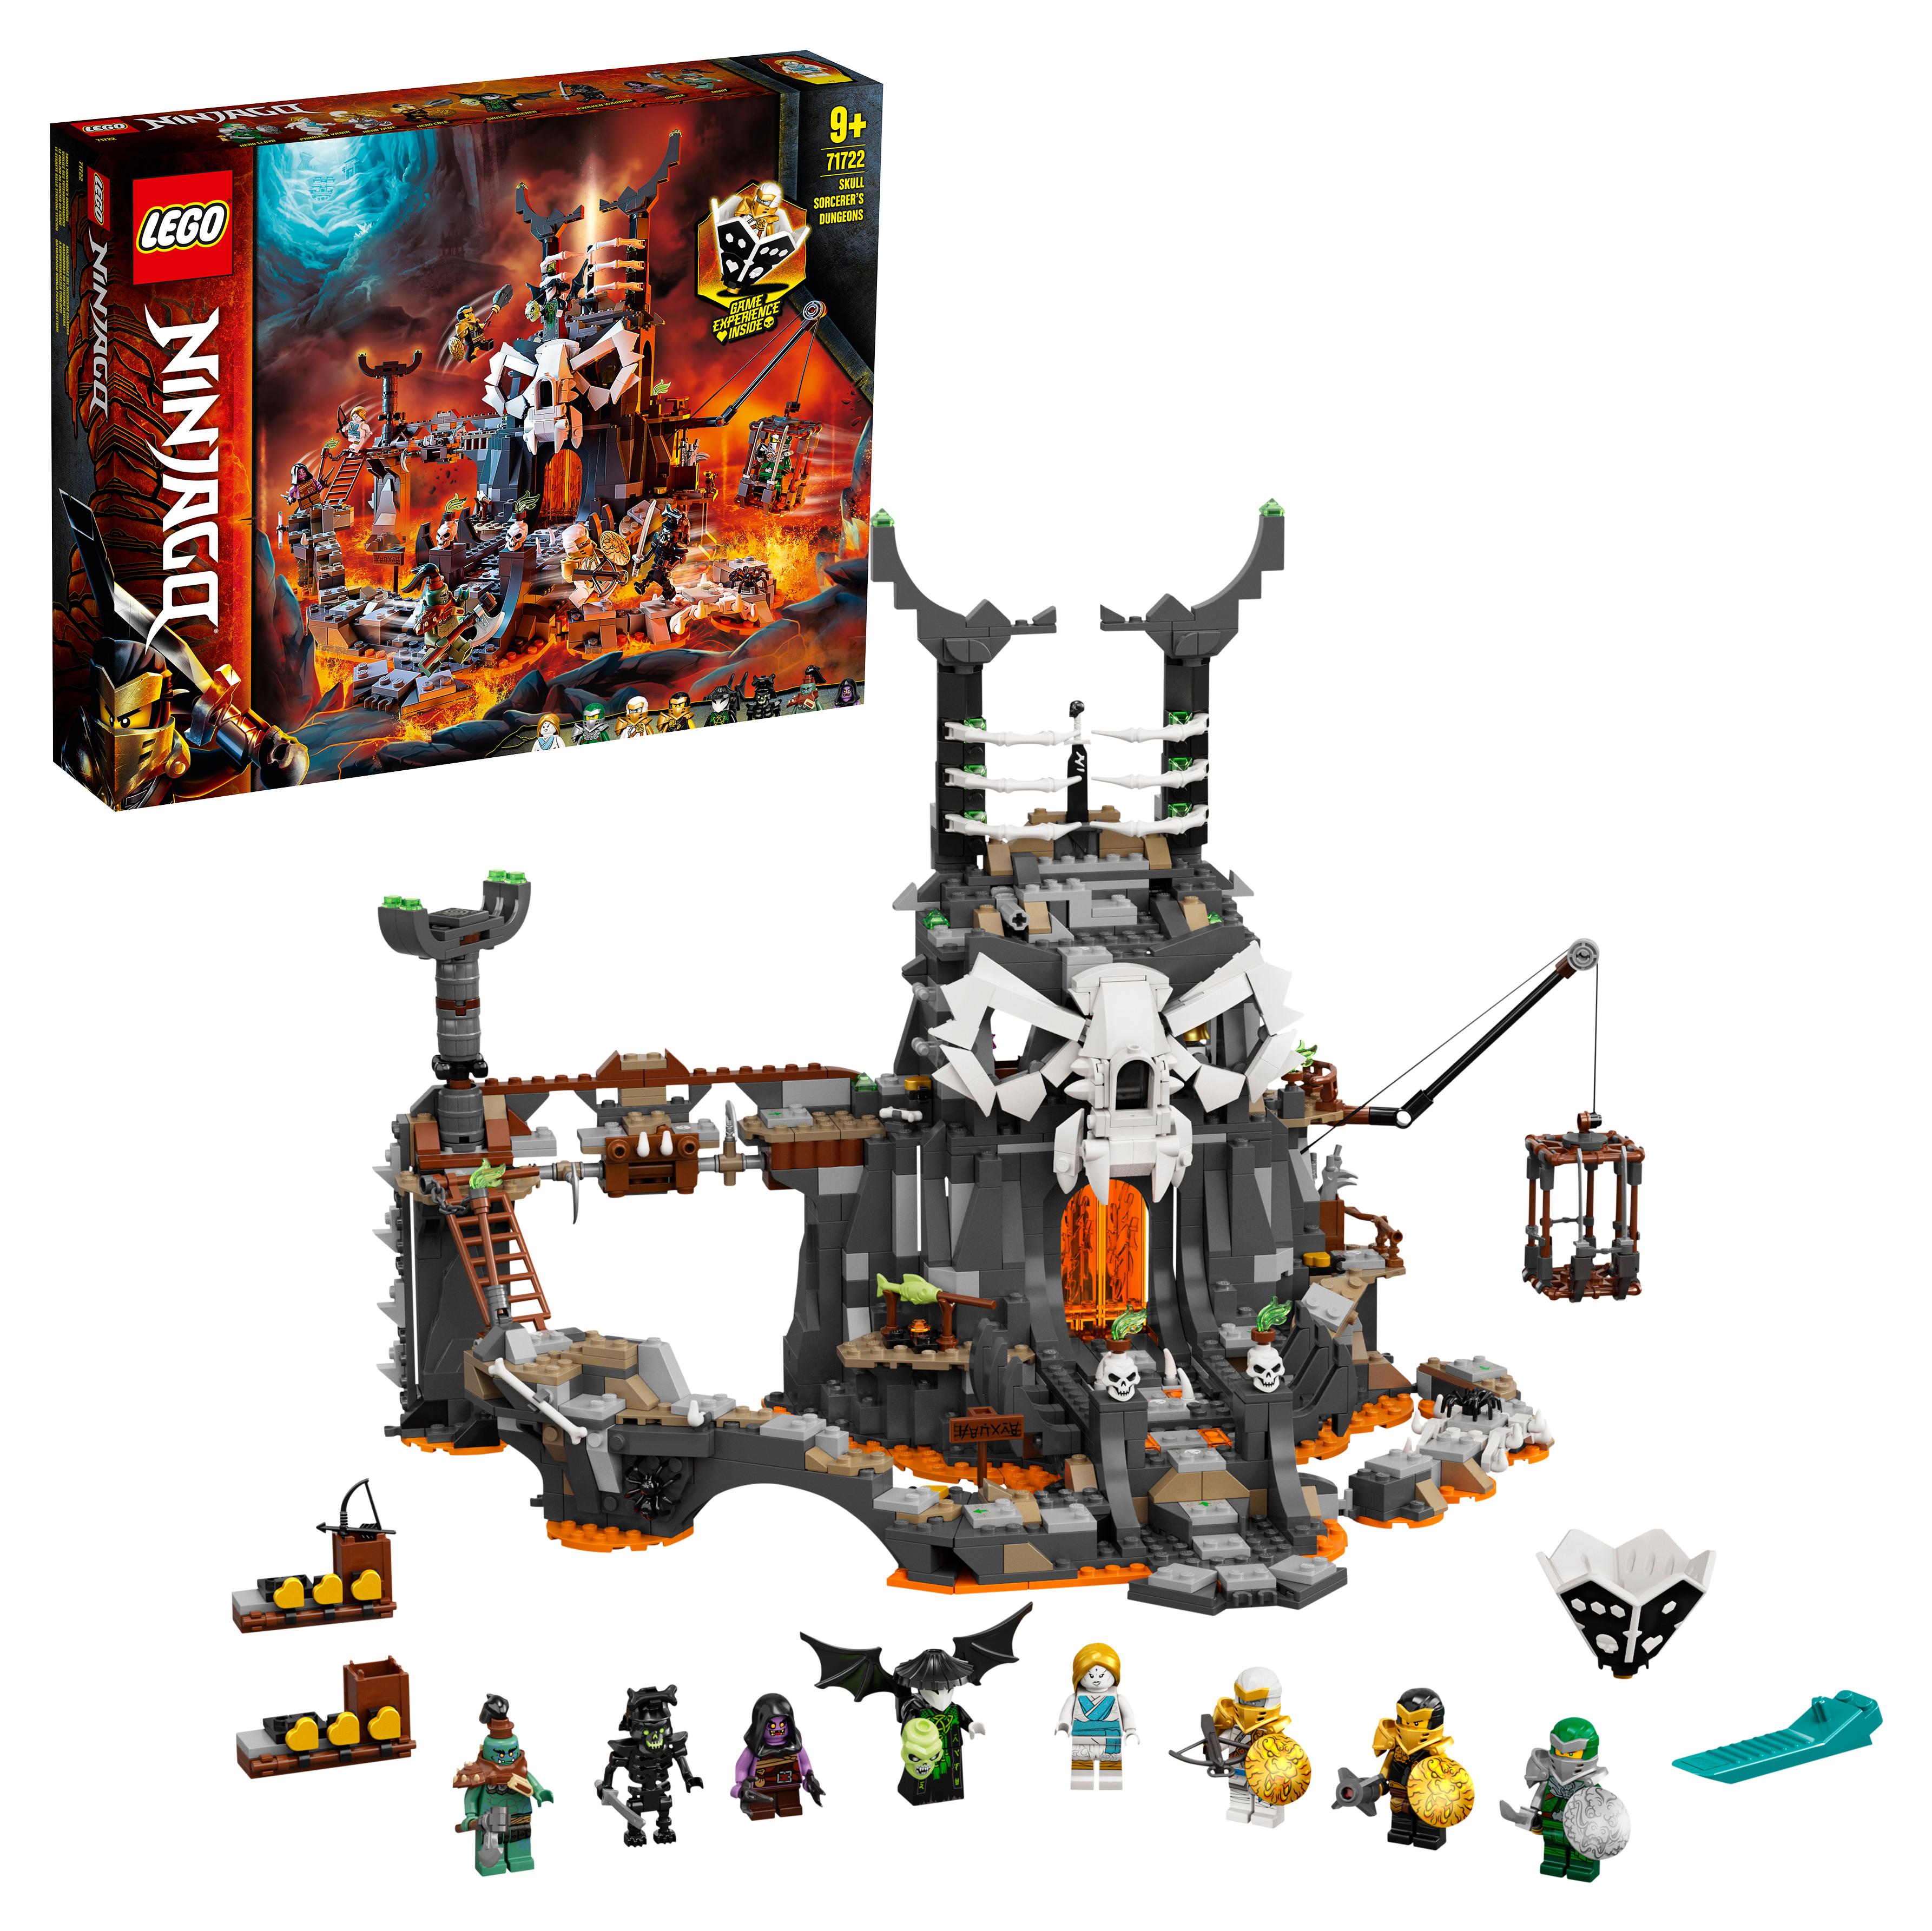 Конструктор LEGO NINJAGO 71722 Подземелье колдуна скелета